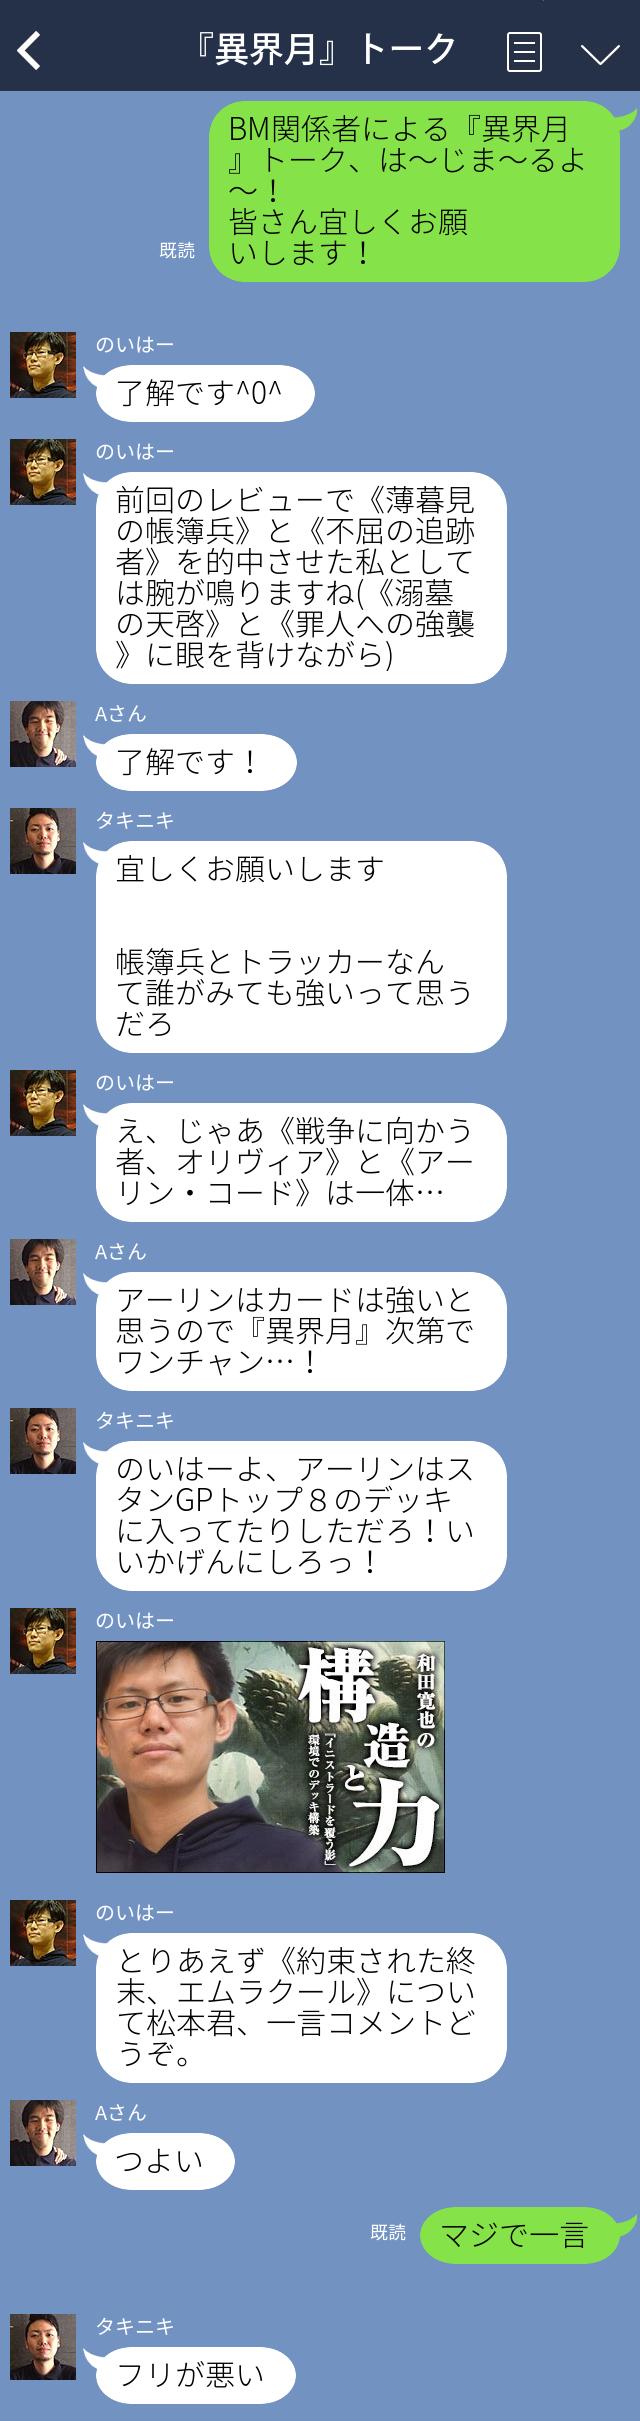 ライン風1